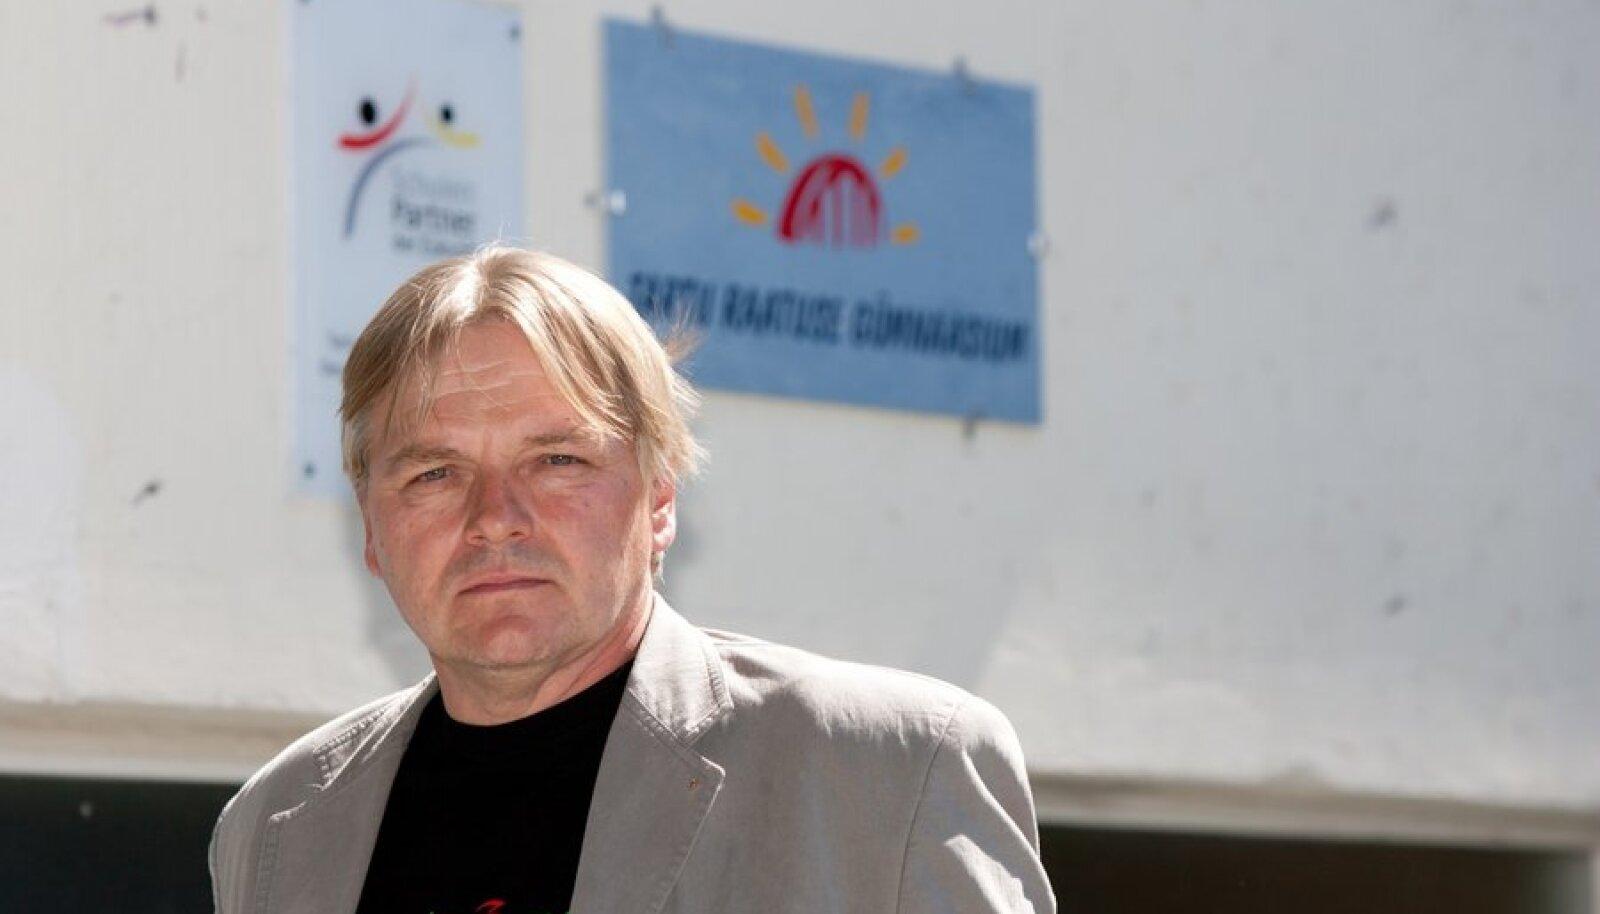 Raatuse gümnaasiumi direktor Toomas Kink